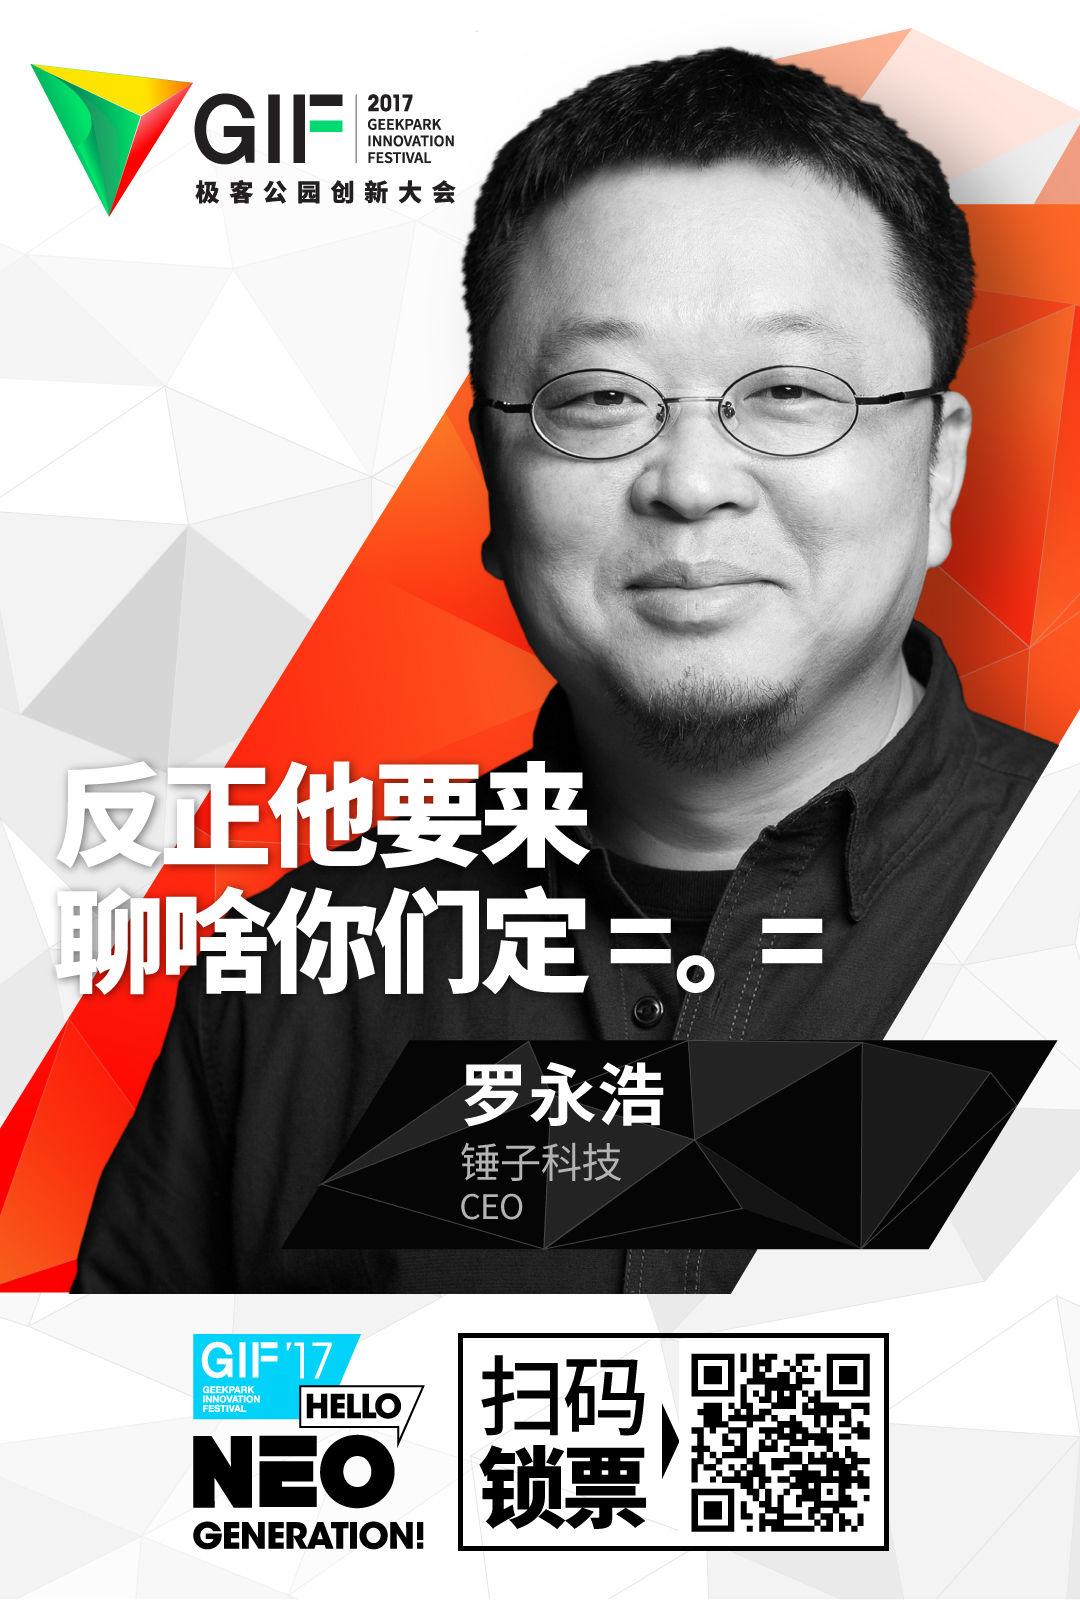 微信底部二维码购票嘉宾海报-罗永浩.jpg